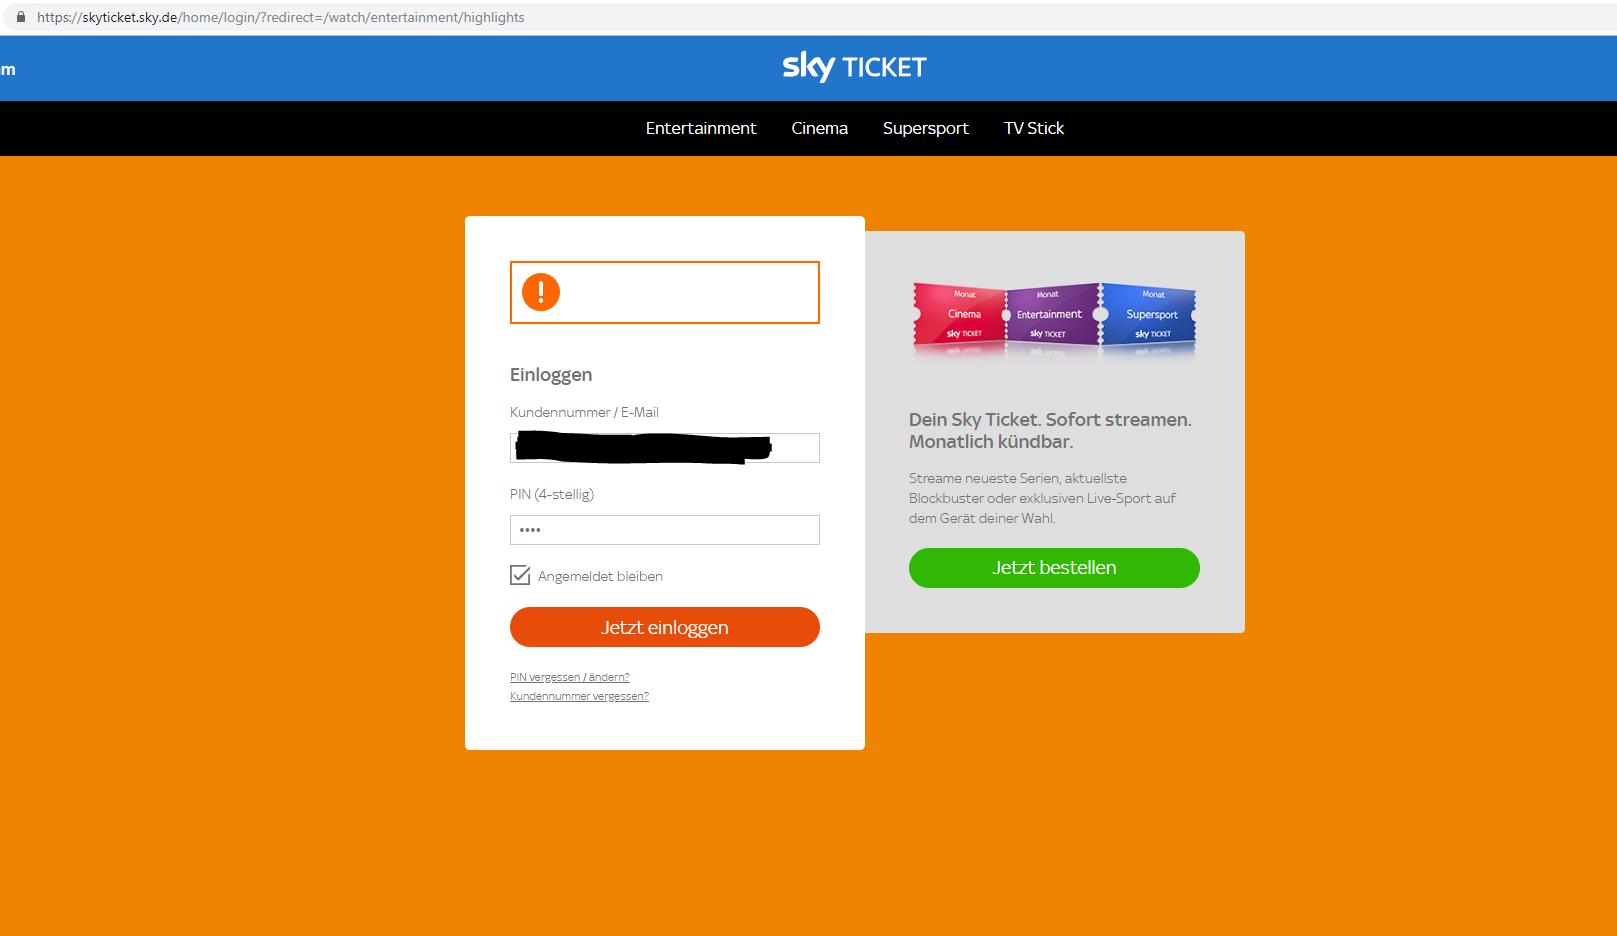 Sky Ticket Einloggen